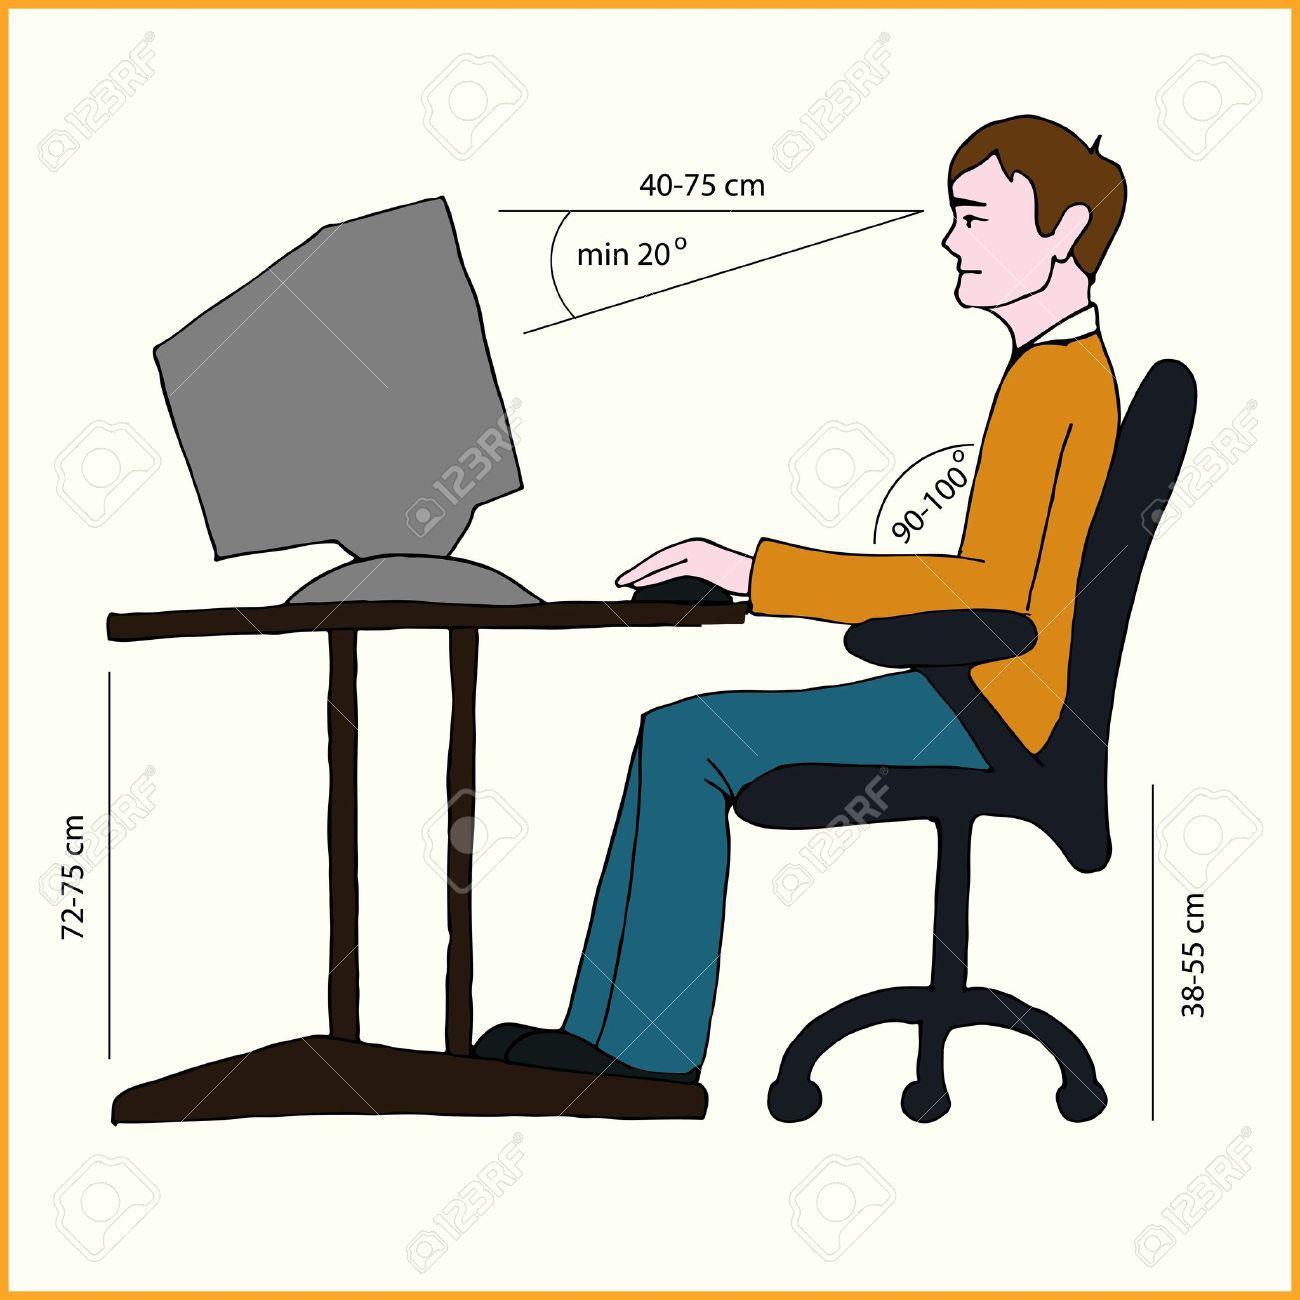 صور الجلسة الصحية امام الكمبيوتر , بالصور كيف اجلس بشكل صحيح امام الحاسب الالي